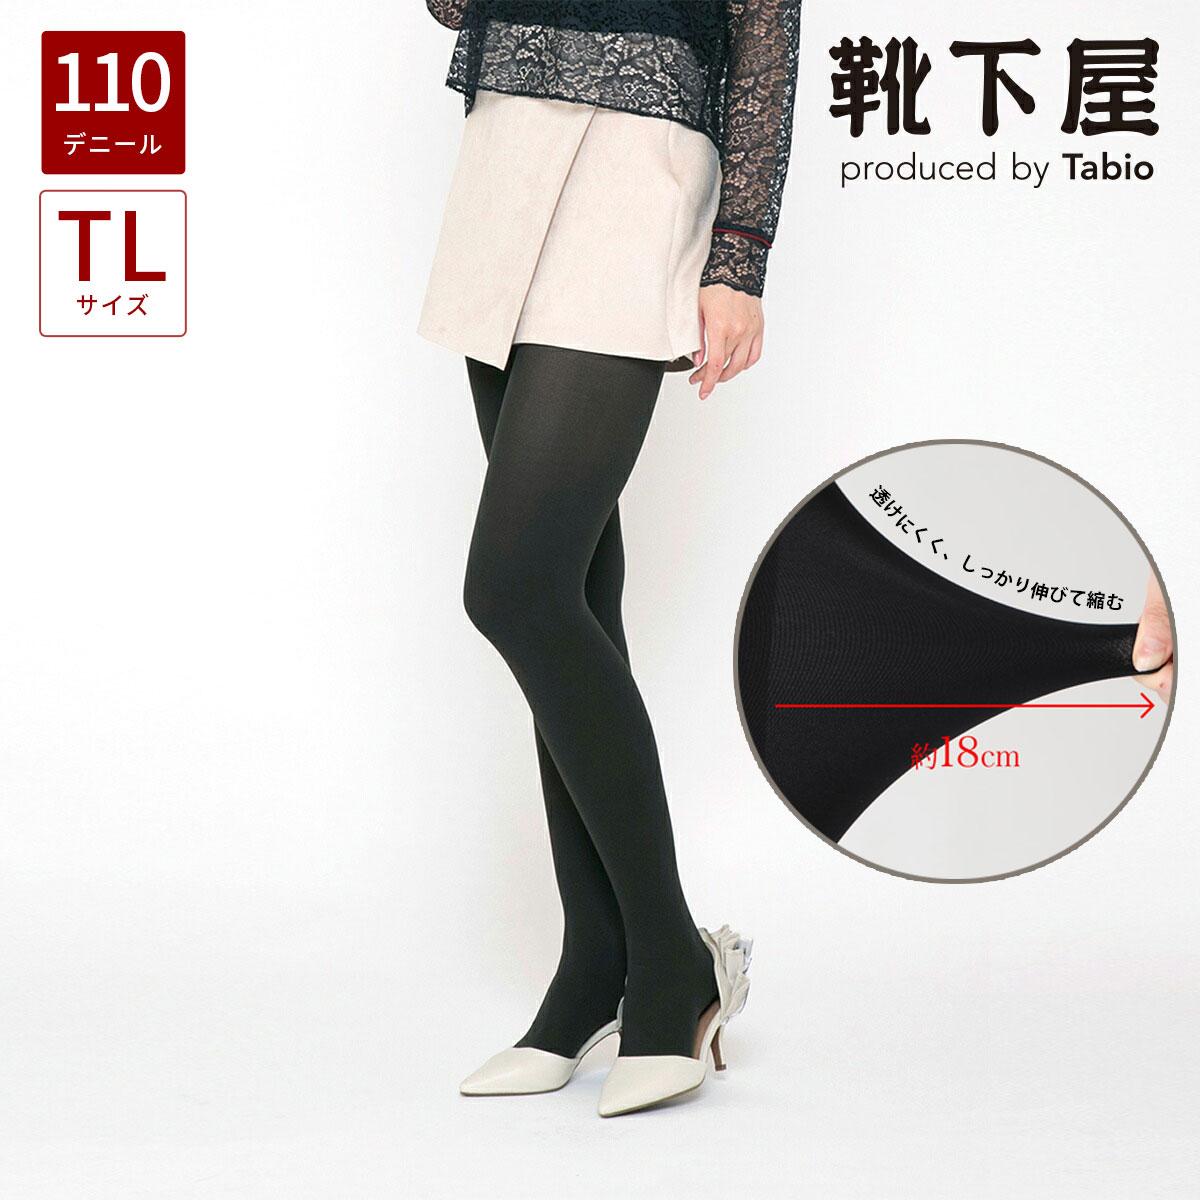 【靴下屋】 ◆プレミアム◆ 110デニールタイツ TLサイズ / 靴下 タビオ Tabio くつ下 大きいサイズ レディース 日本製